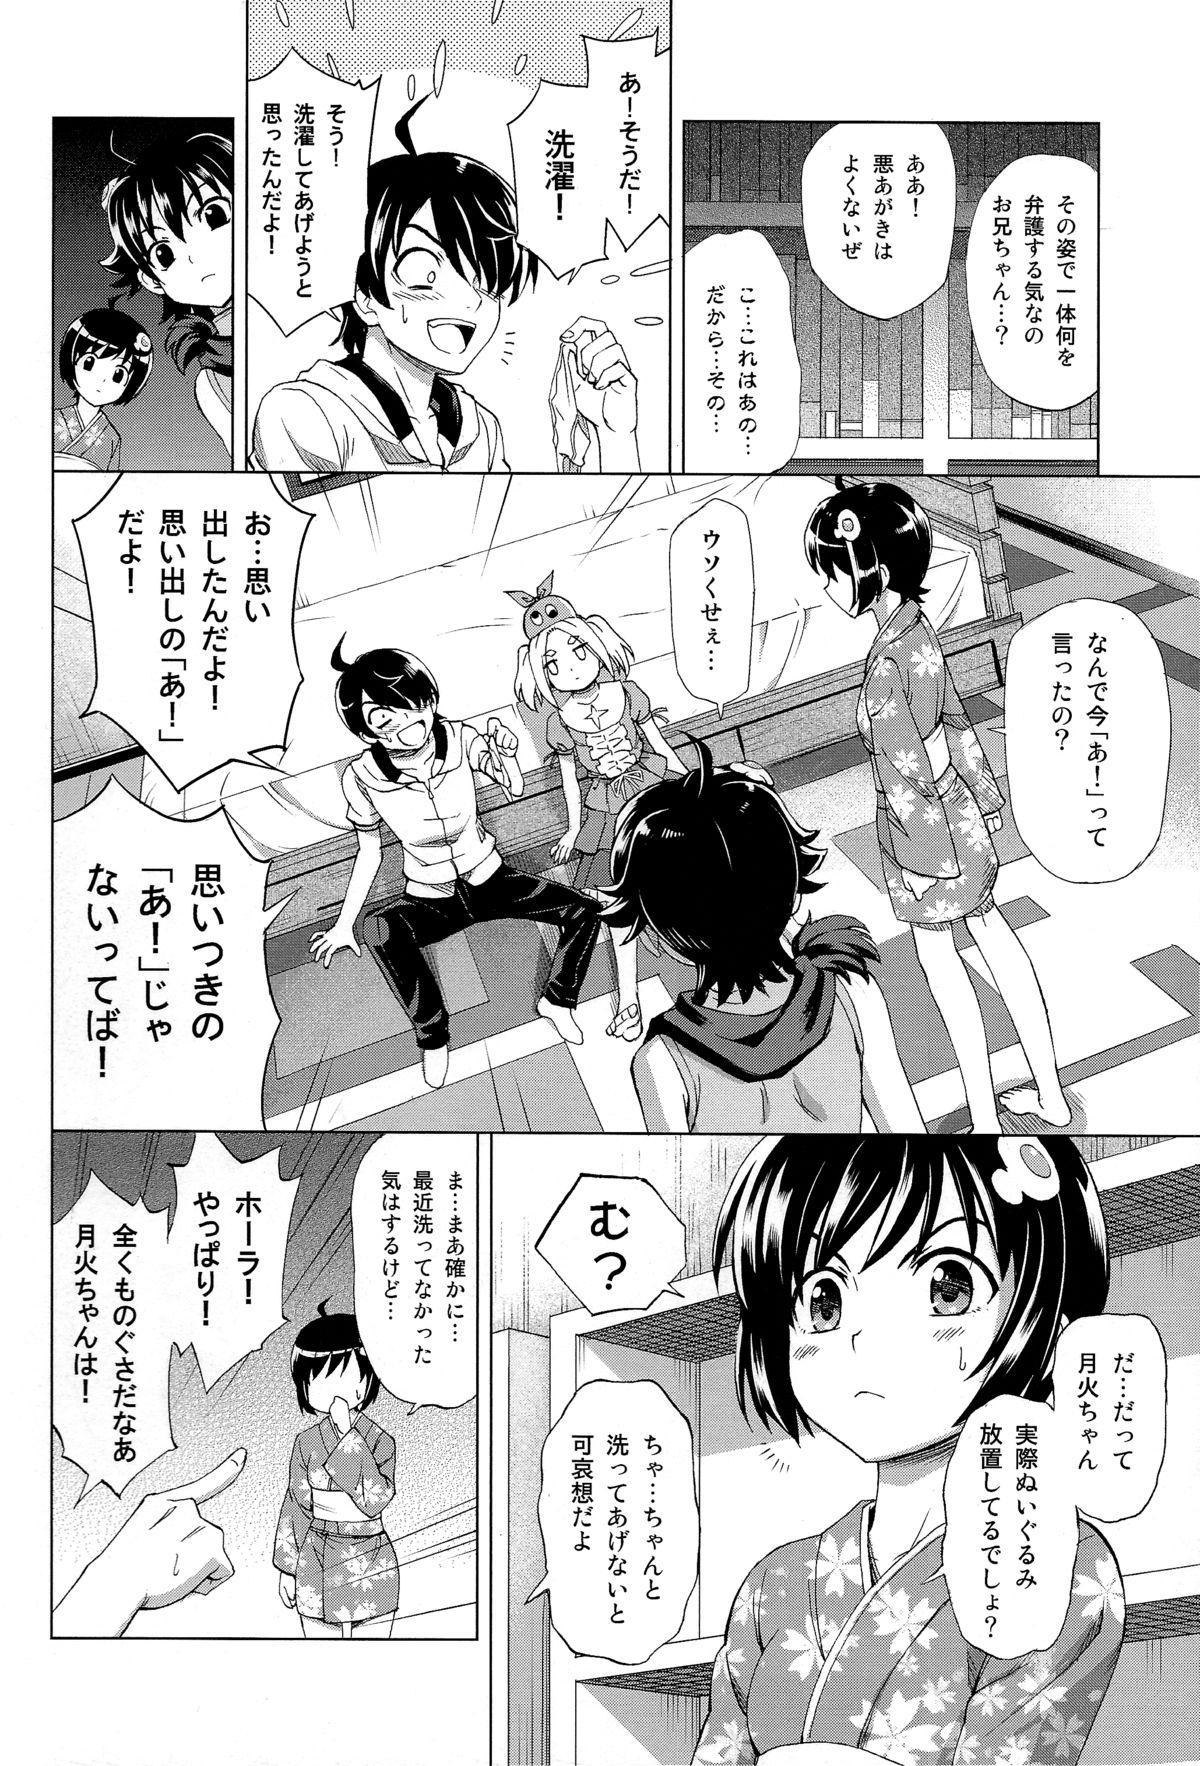 Hentai Judgment 11